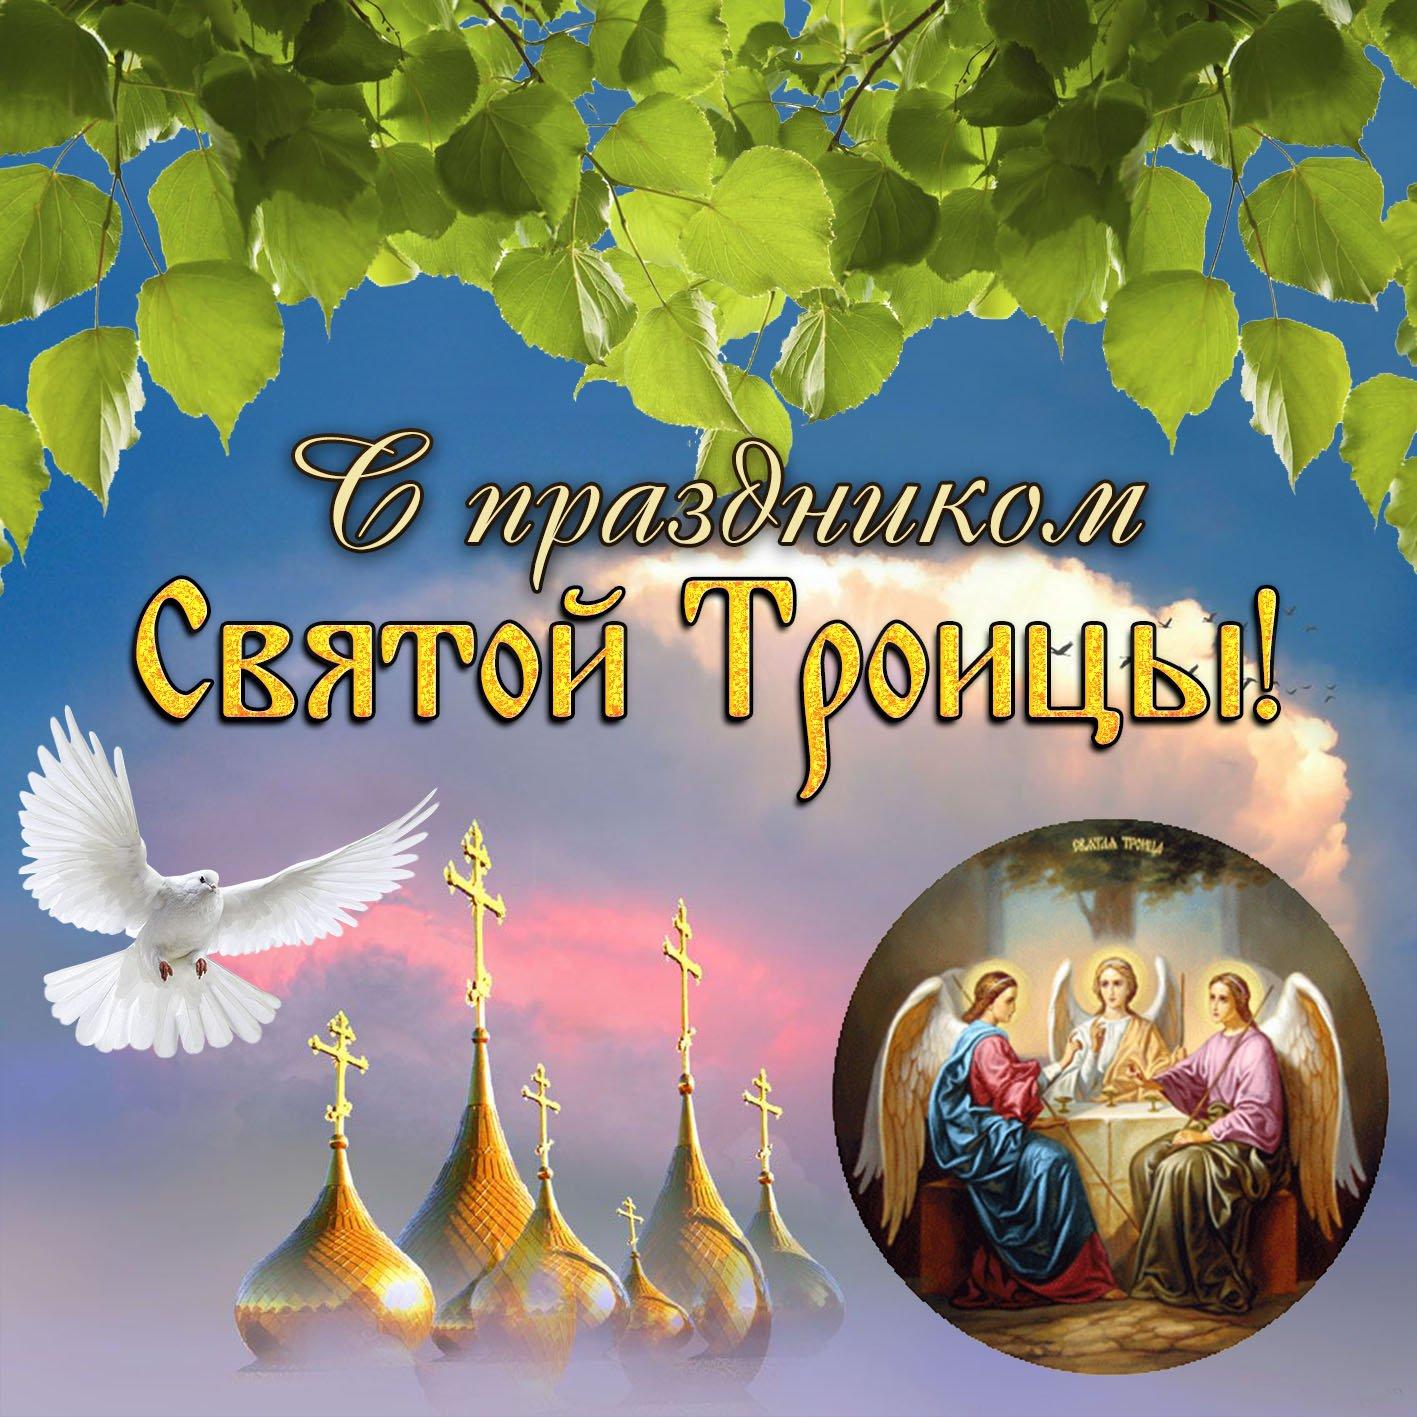 Днем рождения, картинка спасибо и вас с праздником троицы